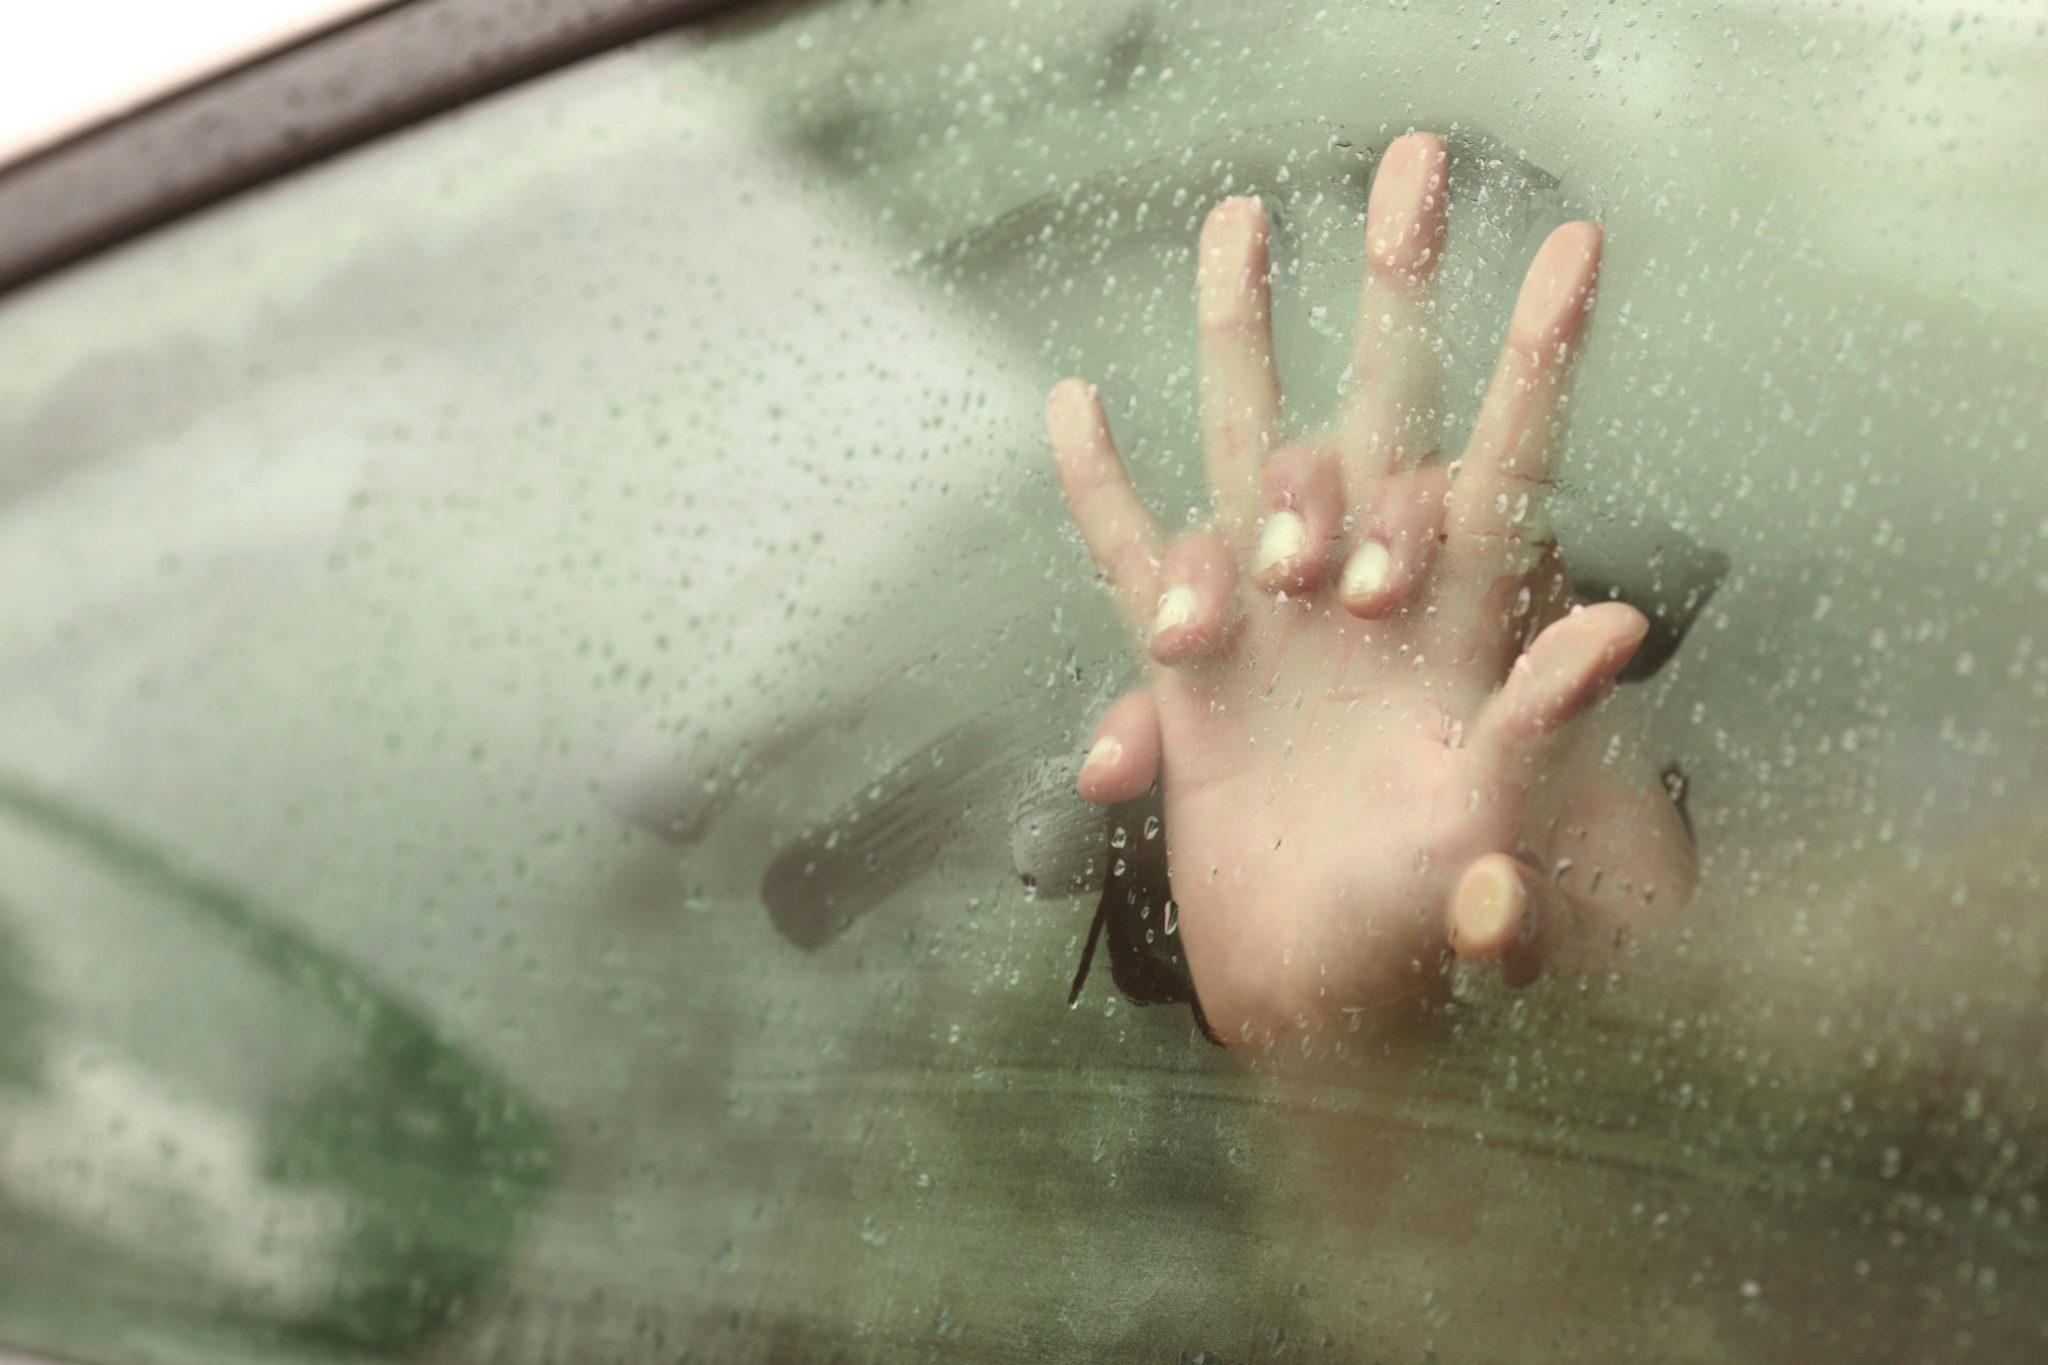 """Barcelona: Los tres detenidos por violar a una joven en un coche mostraron los vídeos de su móvil para """"demostrar"""" que fue consentido"""